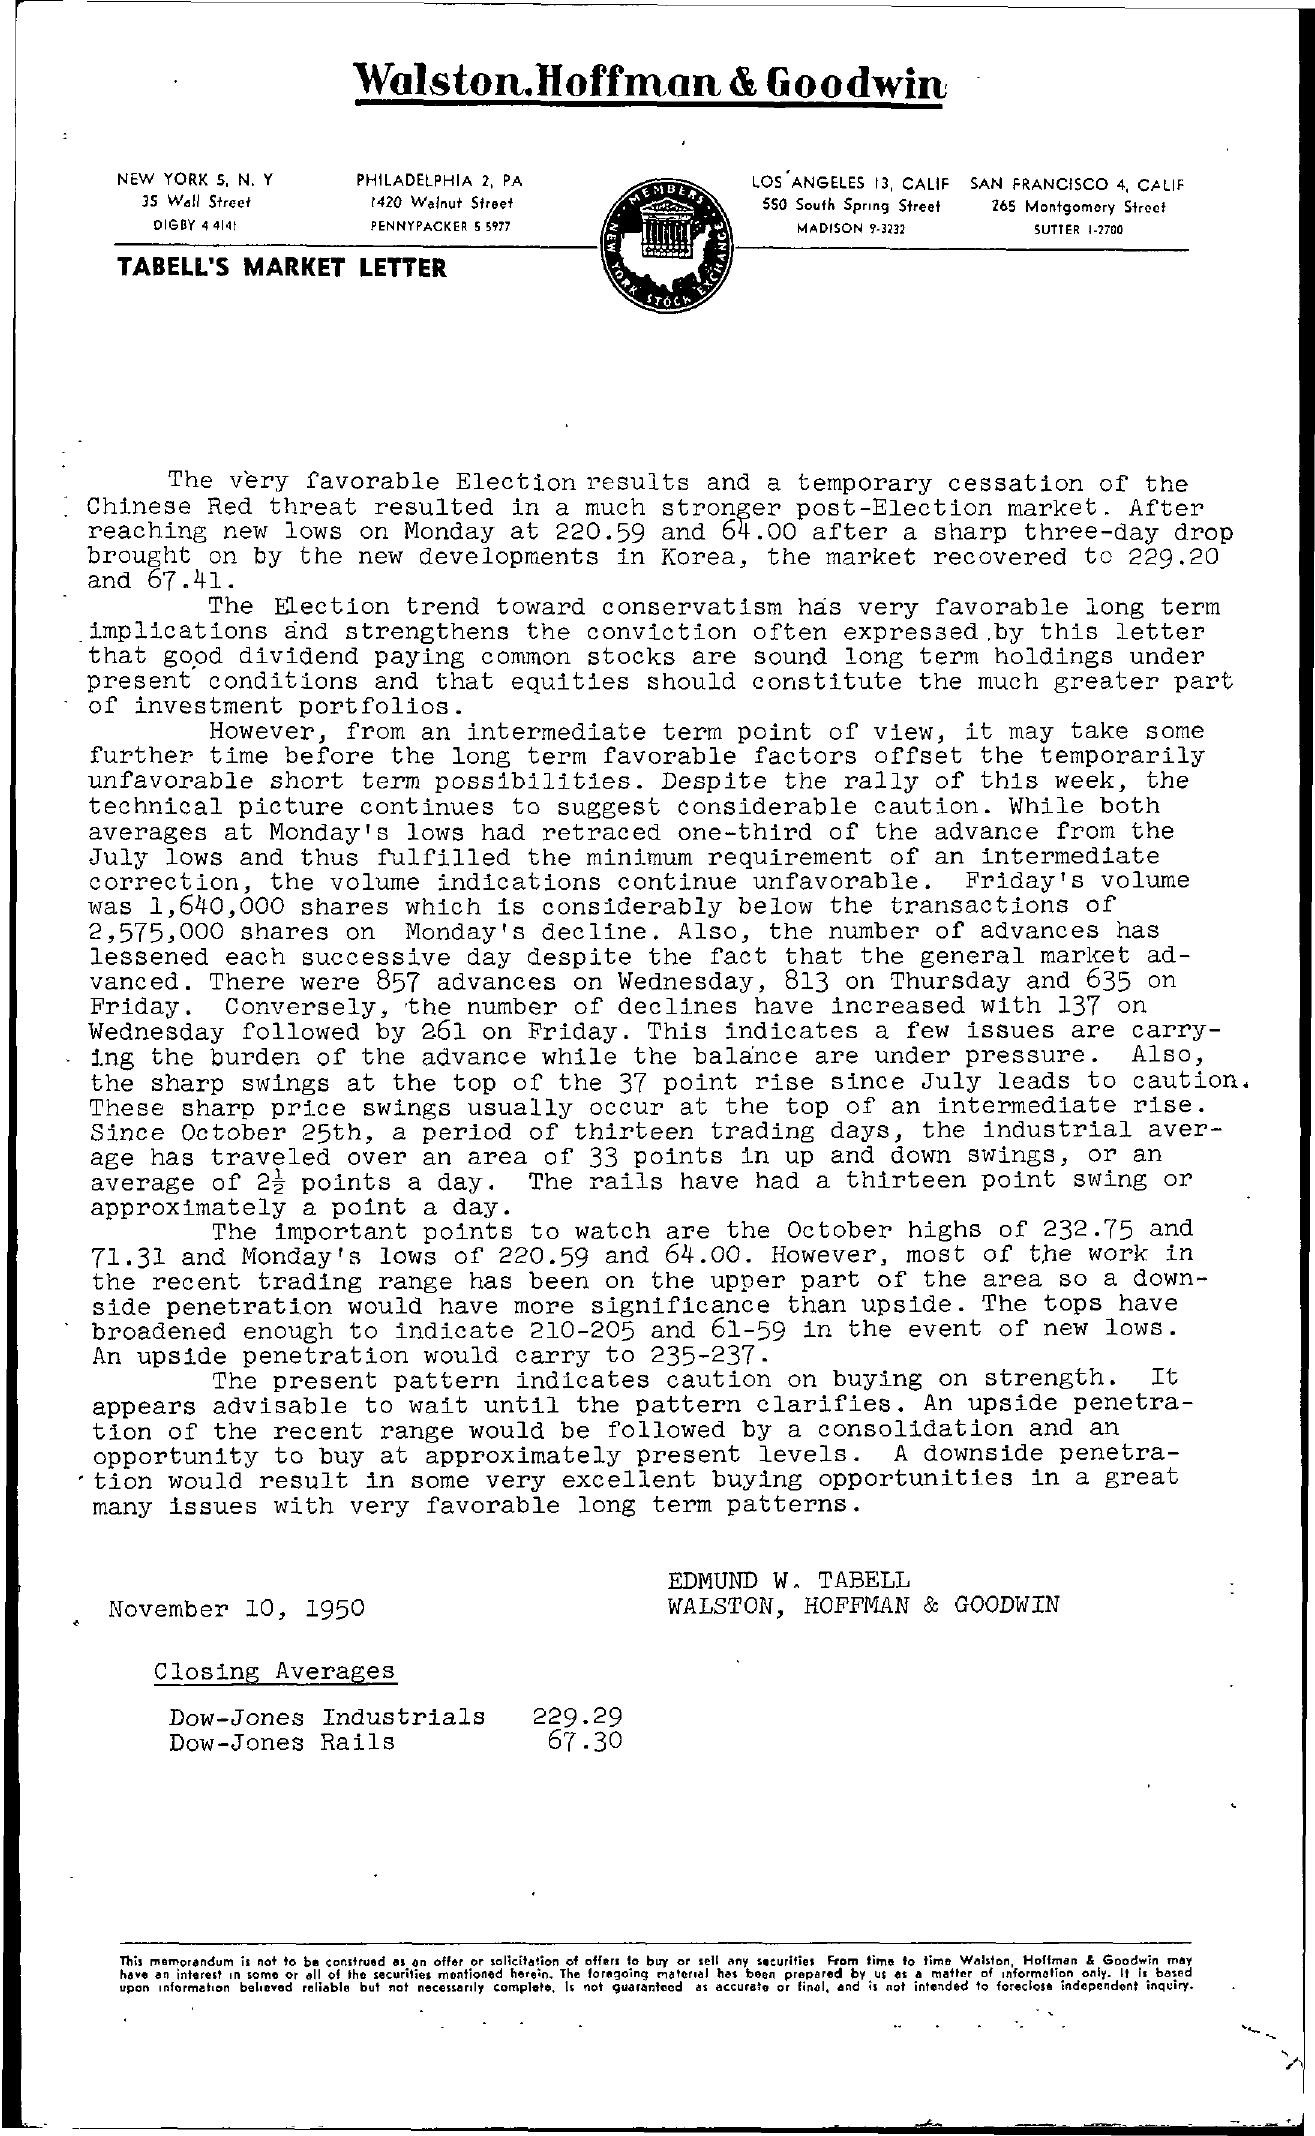 Tabell's Market Letter - November 10, 1950